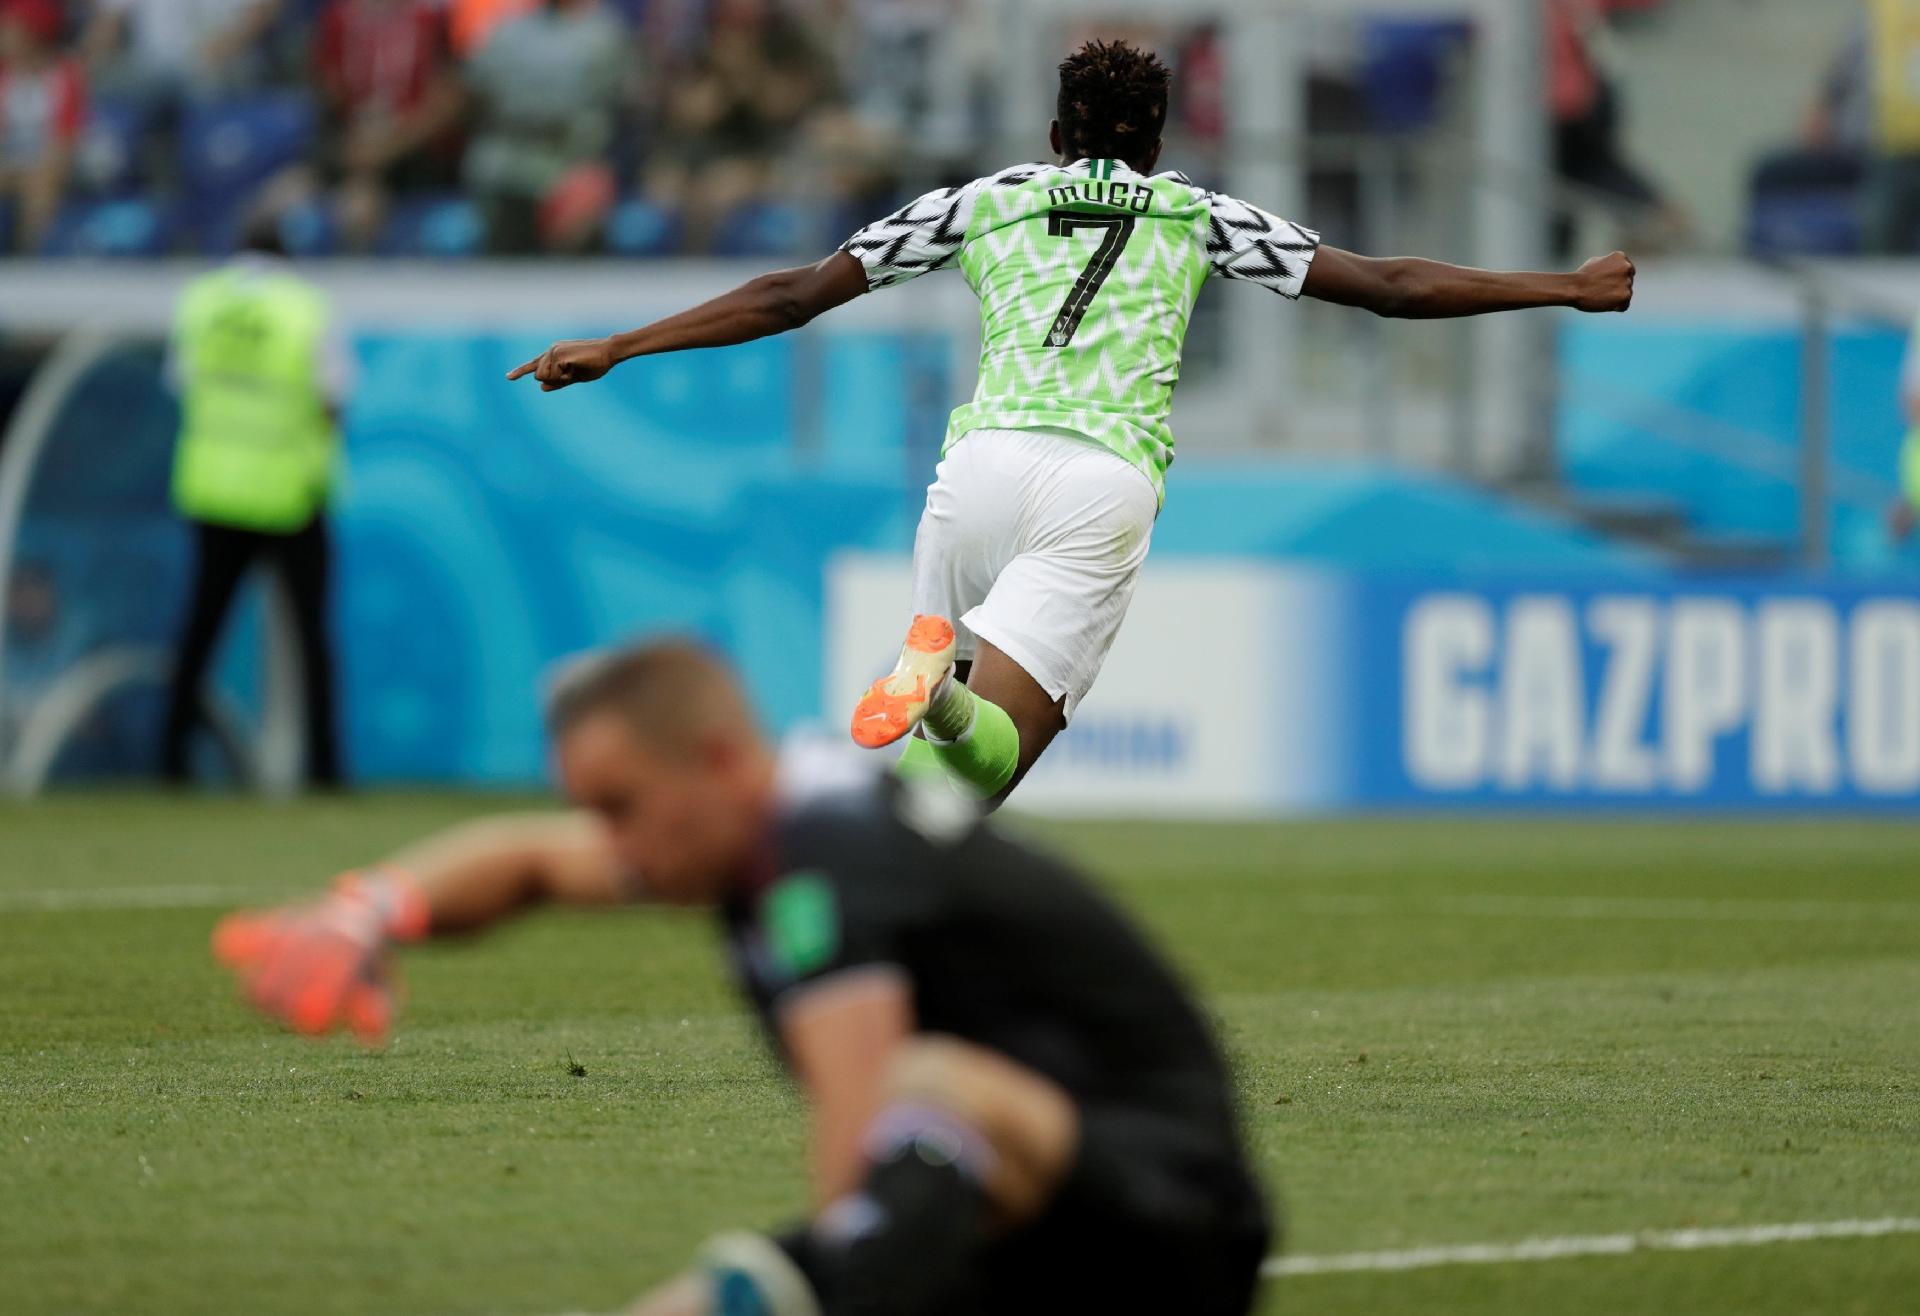 Argentina na Copa 2018  Argentina precisa vencer Nigéria e pode depender do  saldo para avançar - UOL Copa do Mundo 2018 1cf52235d583c